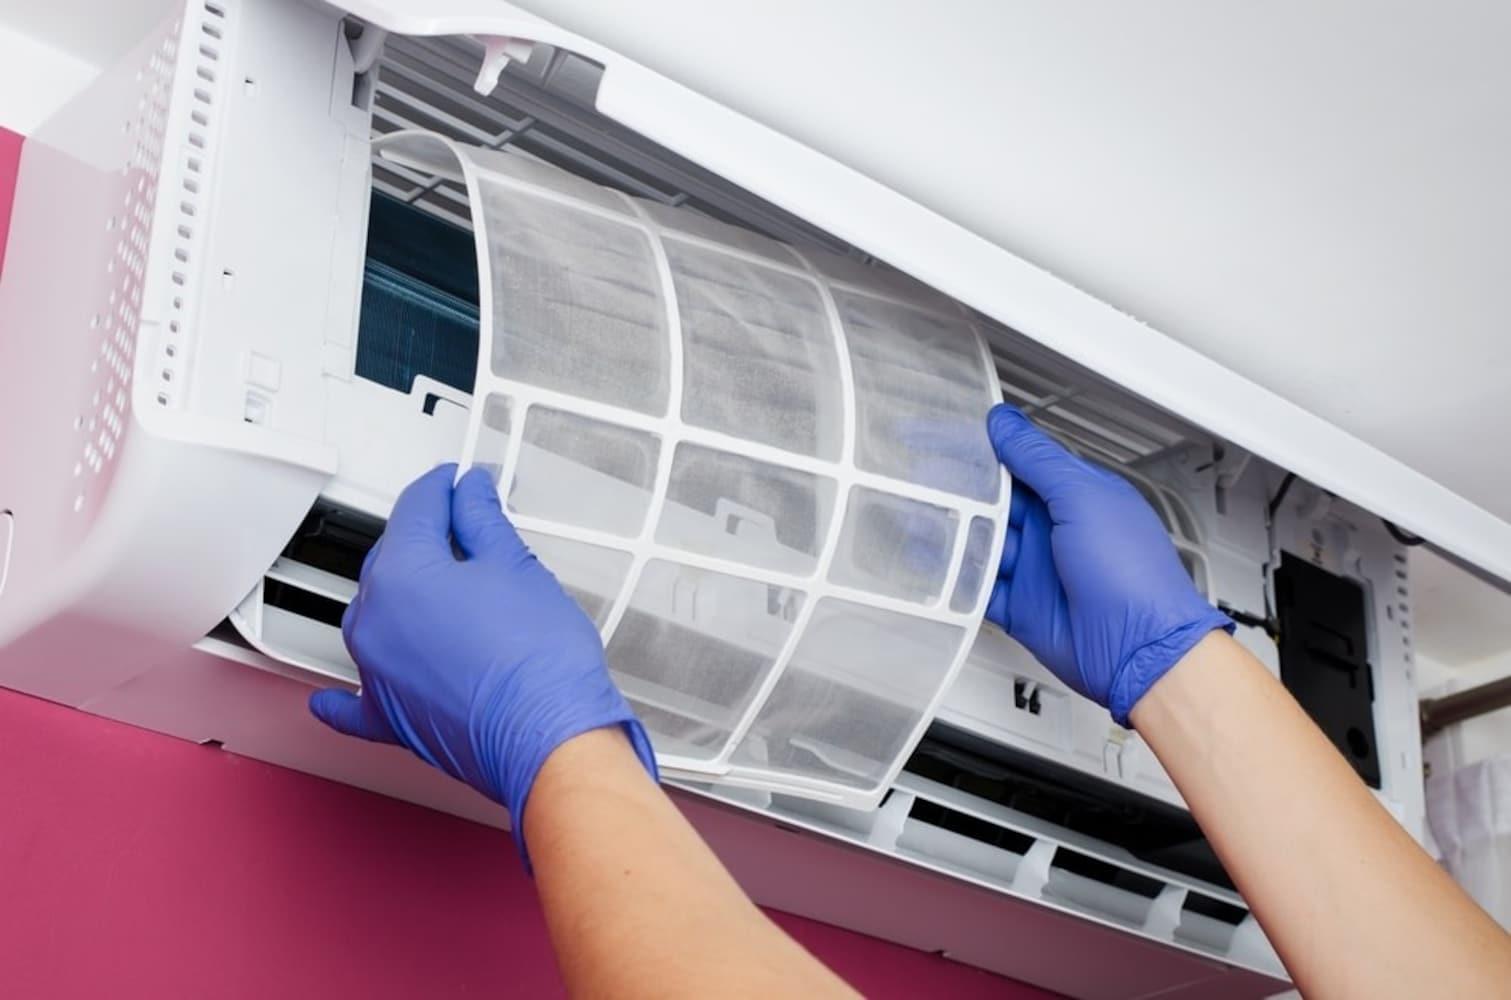 お手入れ|内部クリーン機能や掃除のしやすさをチェック